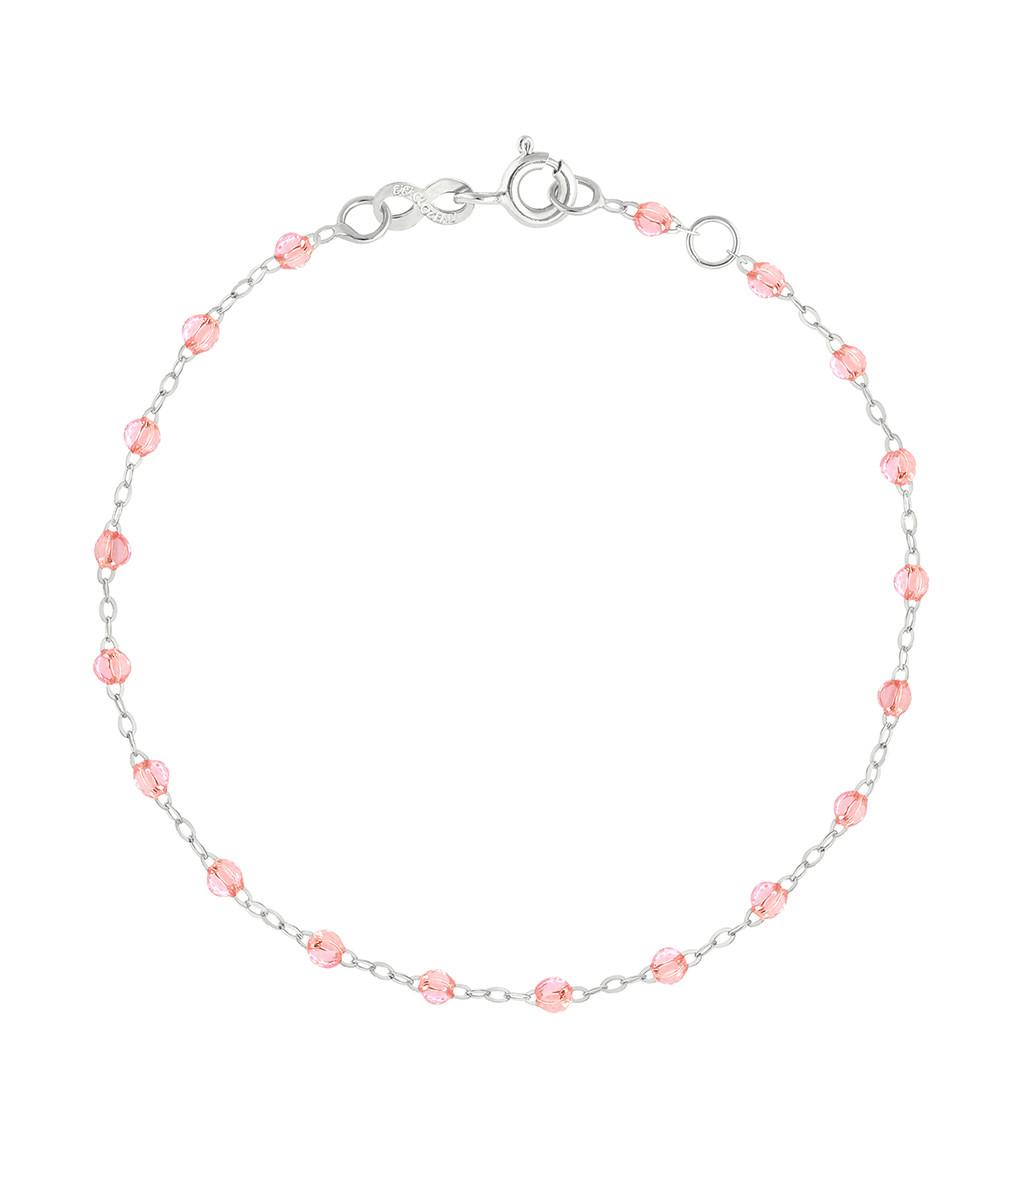 GIGI CLOZEAU - Bracelet Perles Résine Or 17 cm